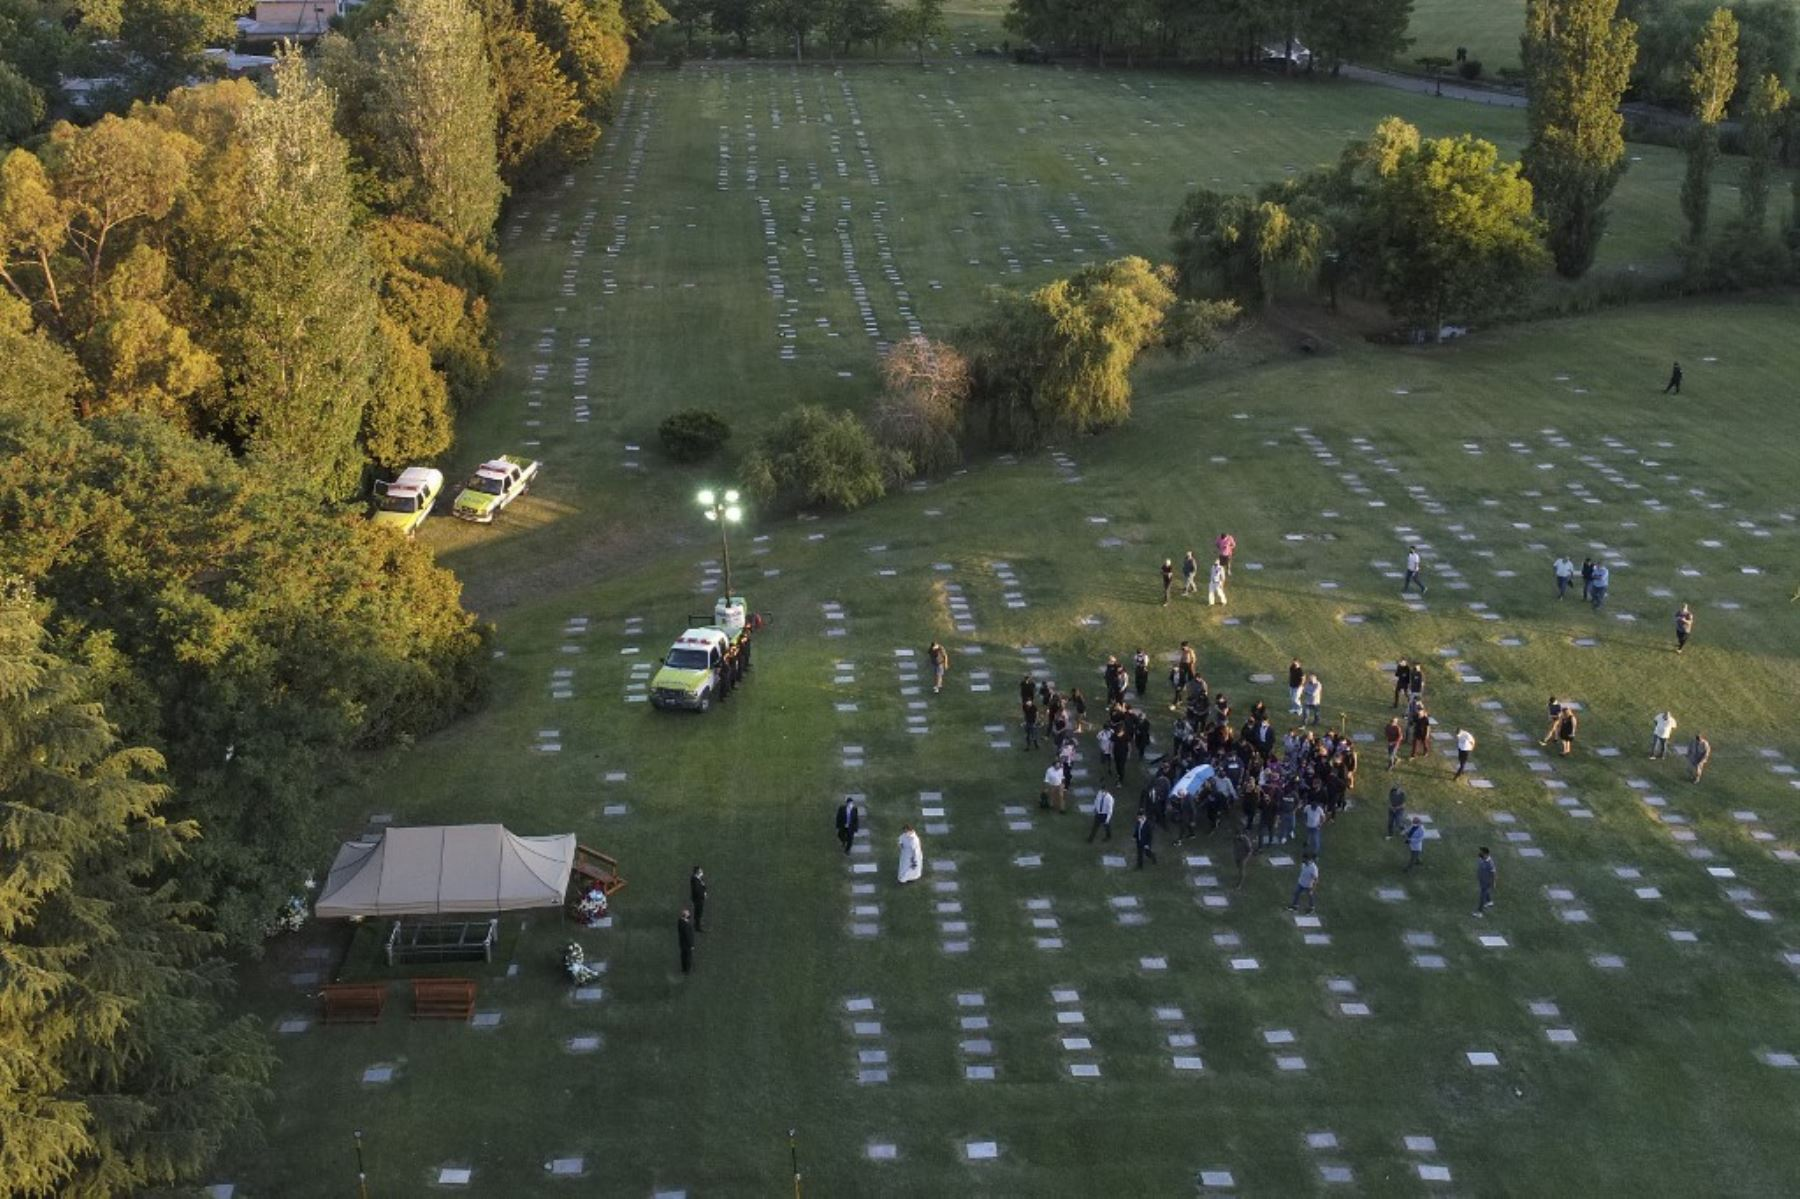 Vista aérea del entierro de la leyenda del fútbol argentino Diego Armando Maradona en el cementerio Jardín Bella Vista, en la provincia de Buenos Aires, lugar donde están enterrados sus padres. Foto: AFP